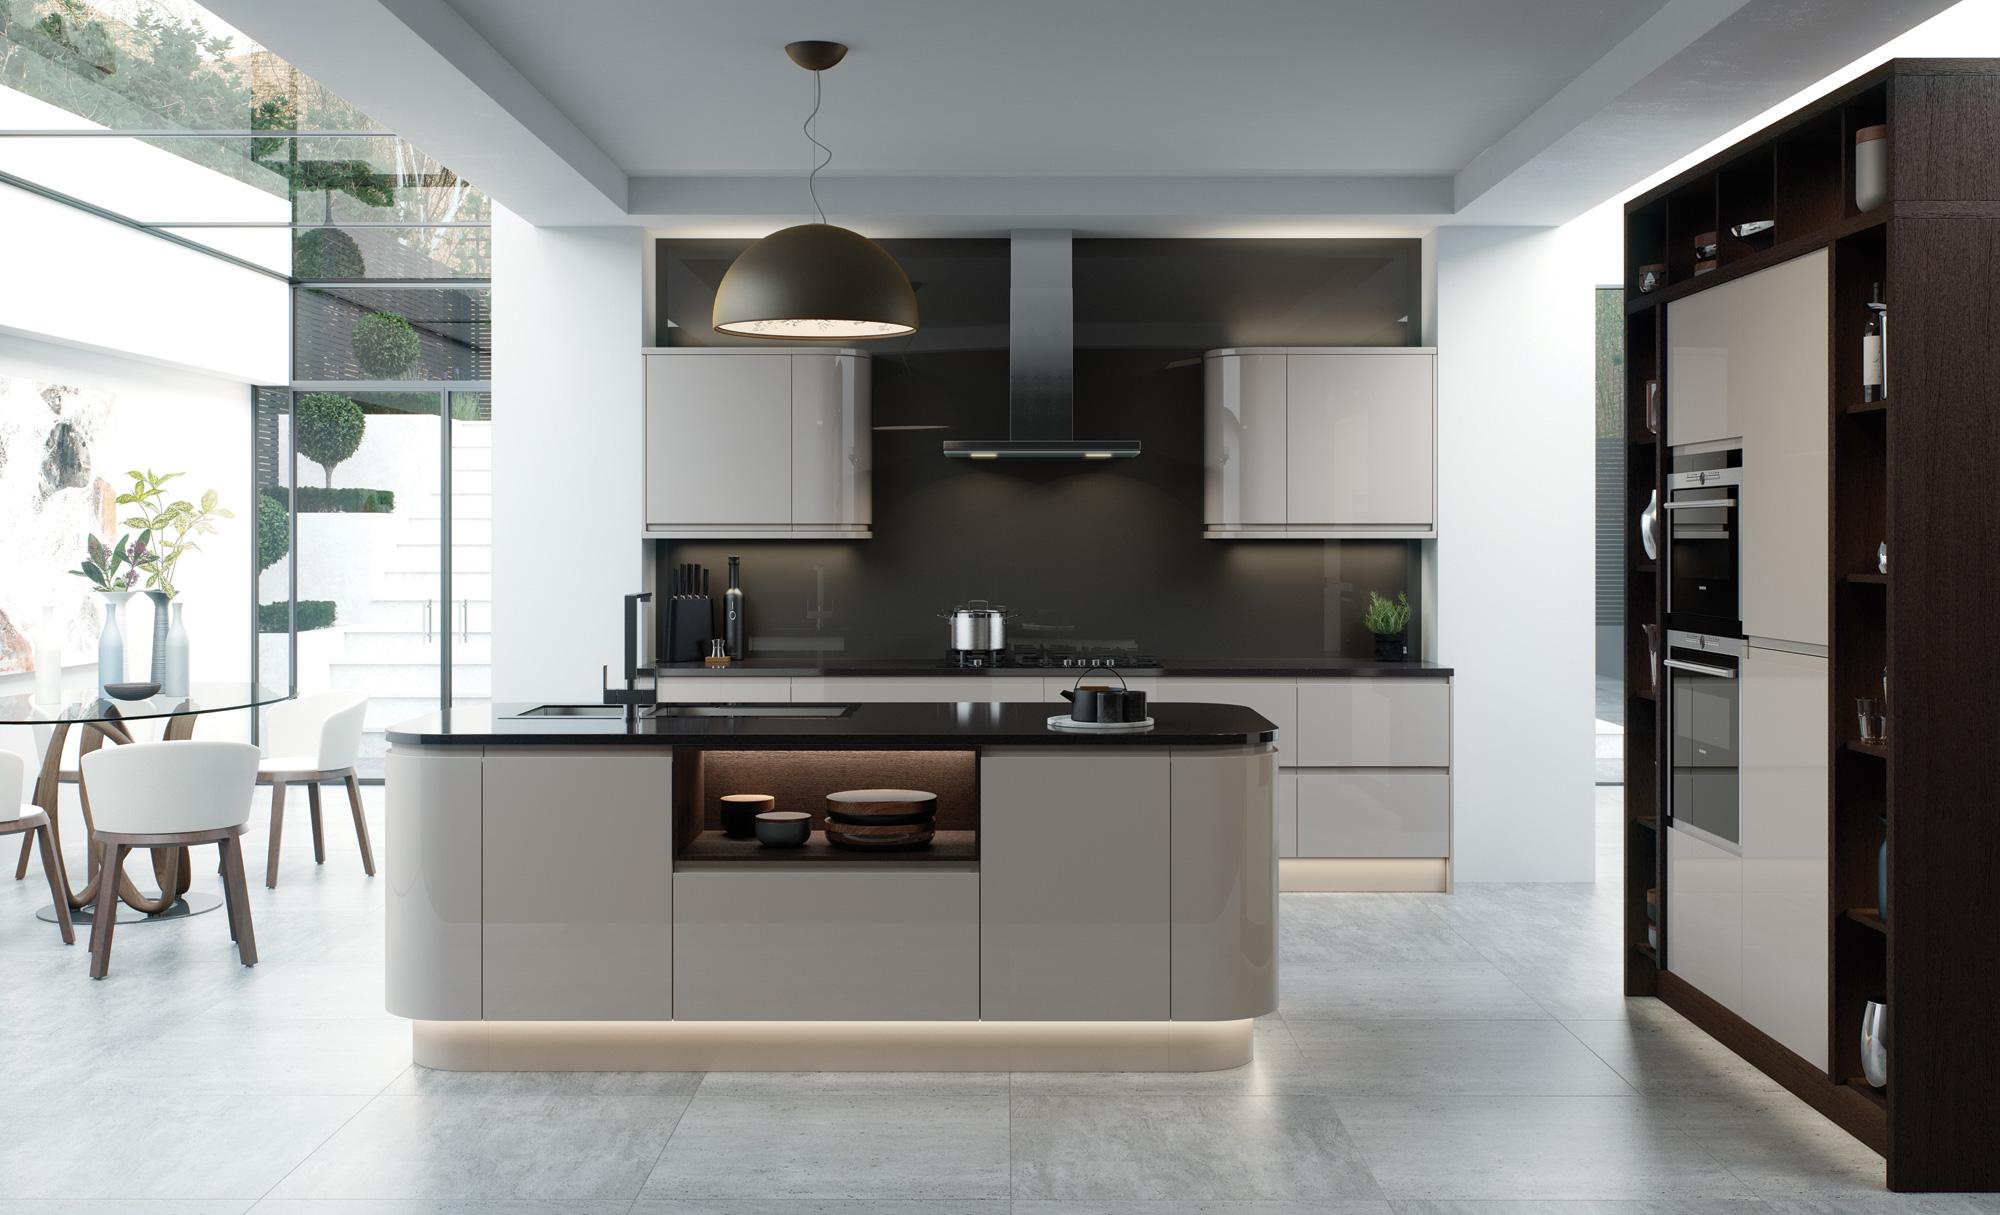 Kitchen Ideas Northern Ireland hanna bros, kitchens & bedrooms, kilkeel, northern ireland